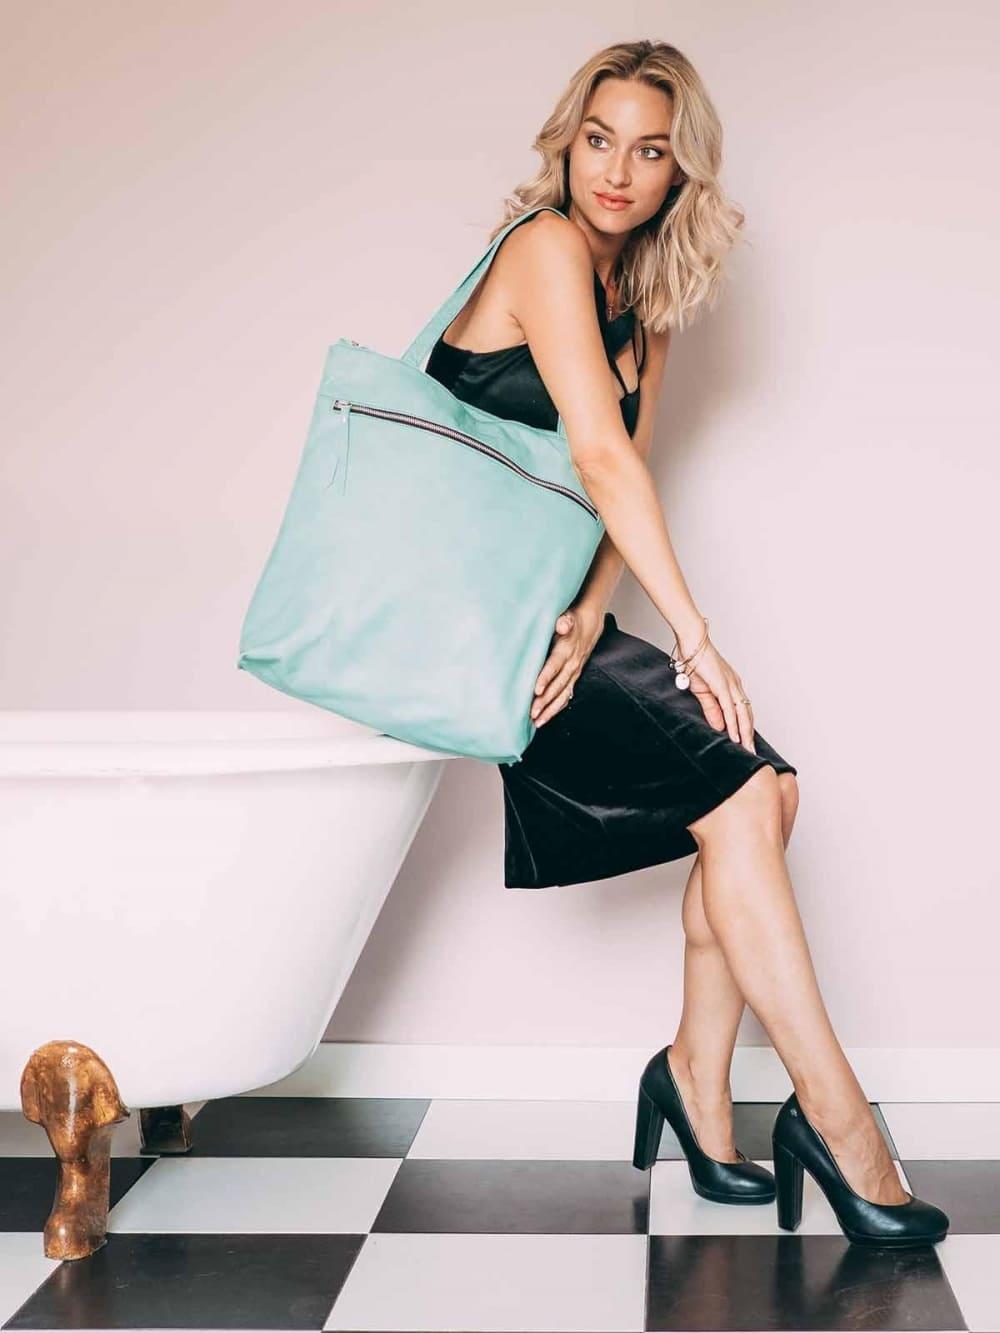 Bolsos y mochilas personalizadas para entregar como regalo, un obsequio ideal para eventos corporativos.